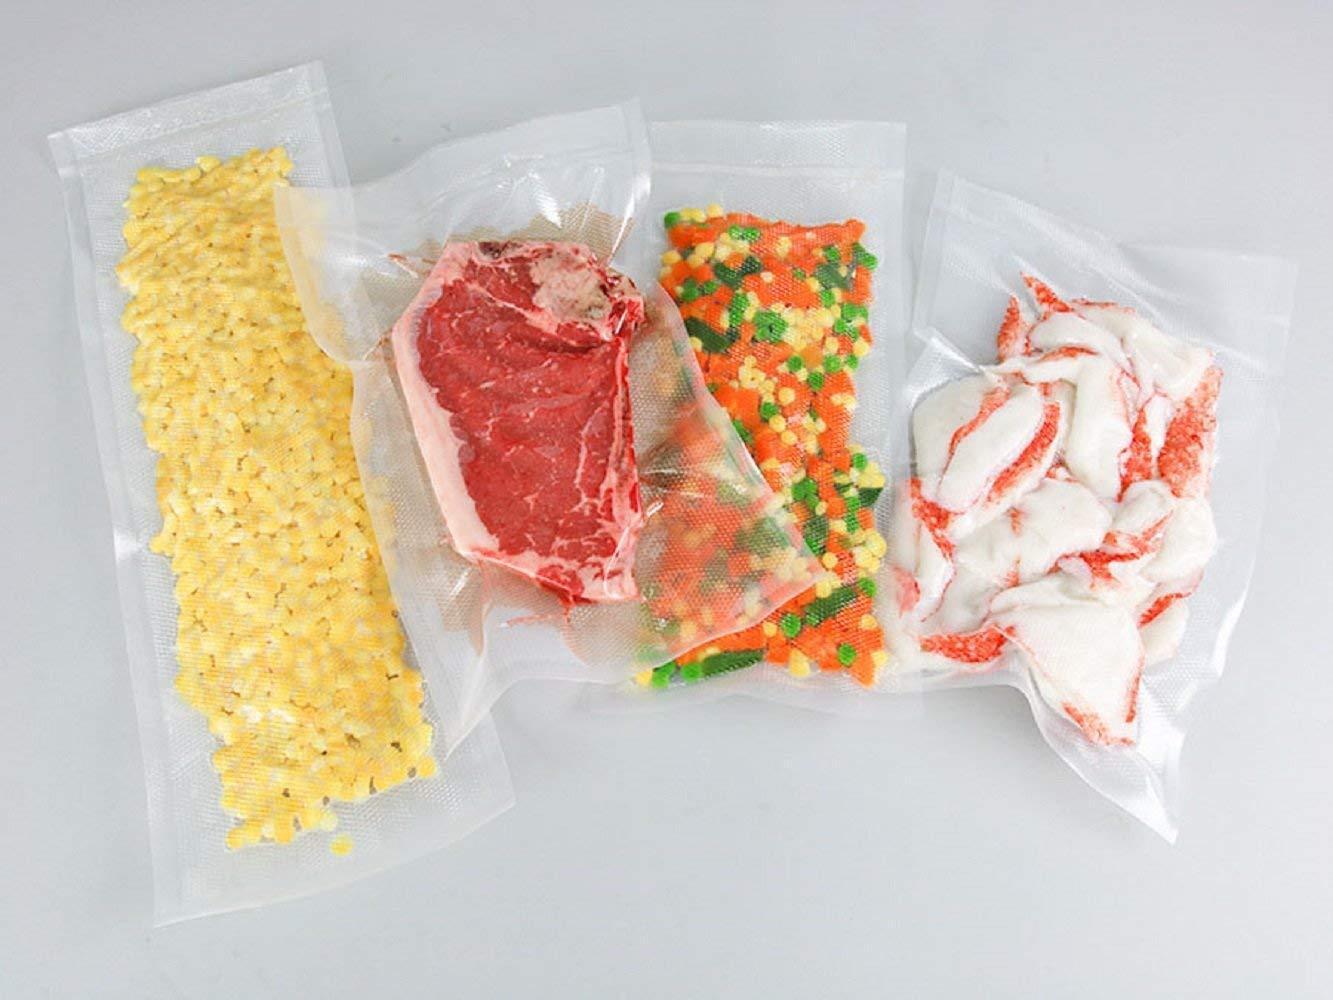 Купить Food Magic Seal R1150 - Vacuum Sealer Storage Bags 4-11x50' Rolls Food Magic Seal 4 Mil Great $$ Saver